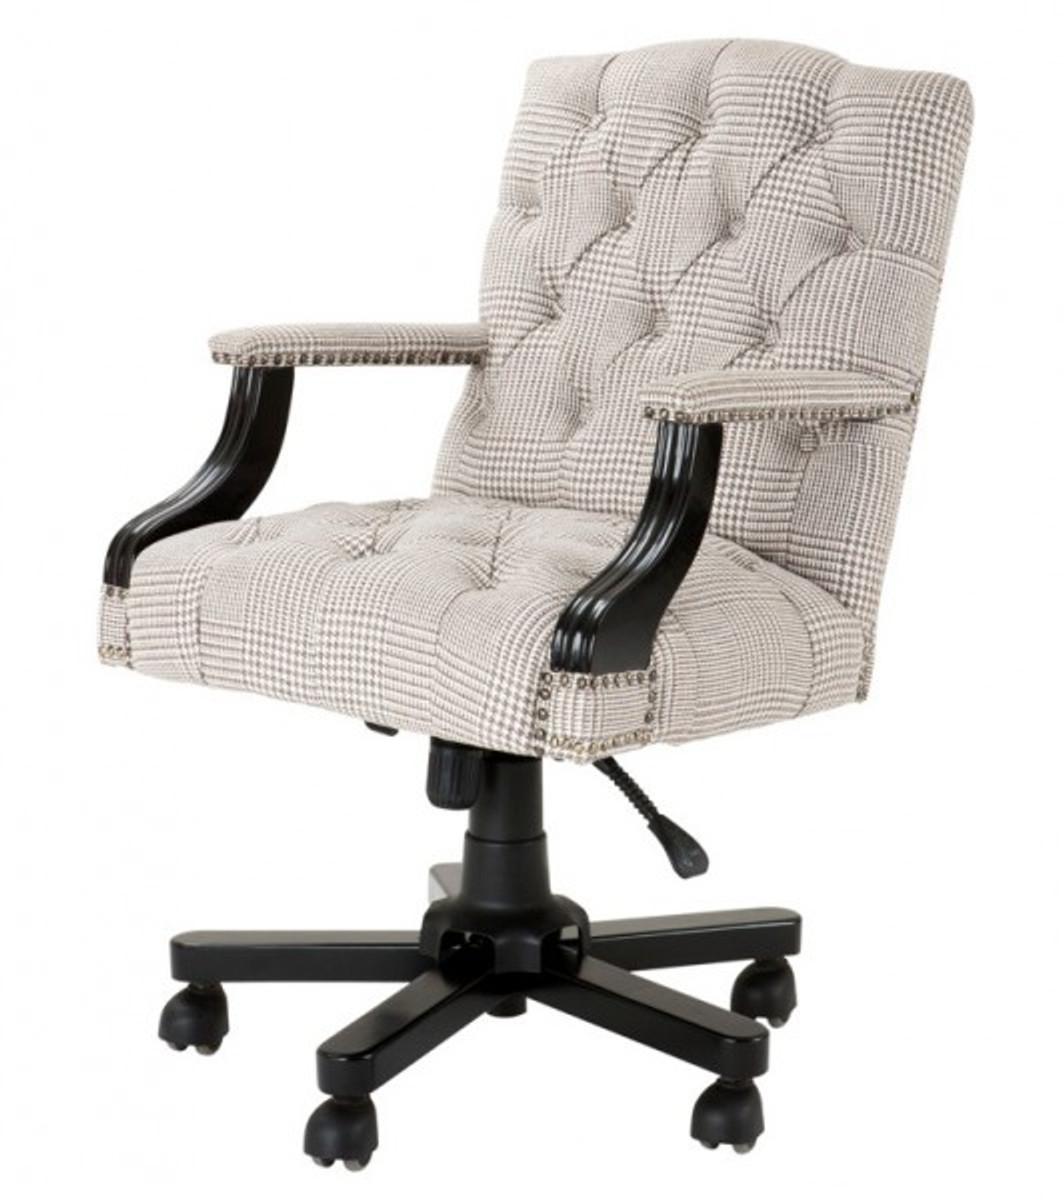 Büro Creme Chef Luxus Schreibtisch Drehstuhl Stuhl Braun 0kPnwO